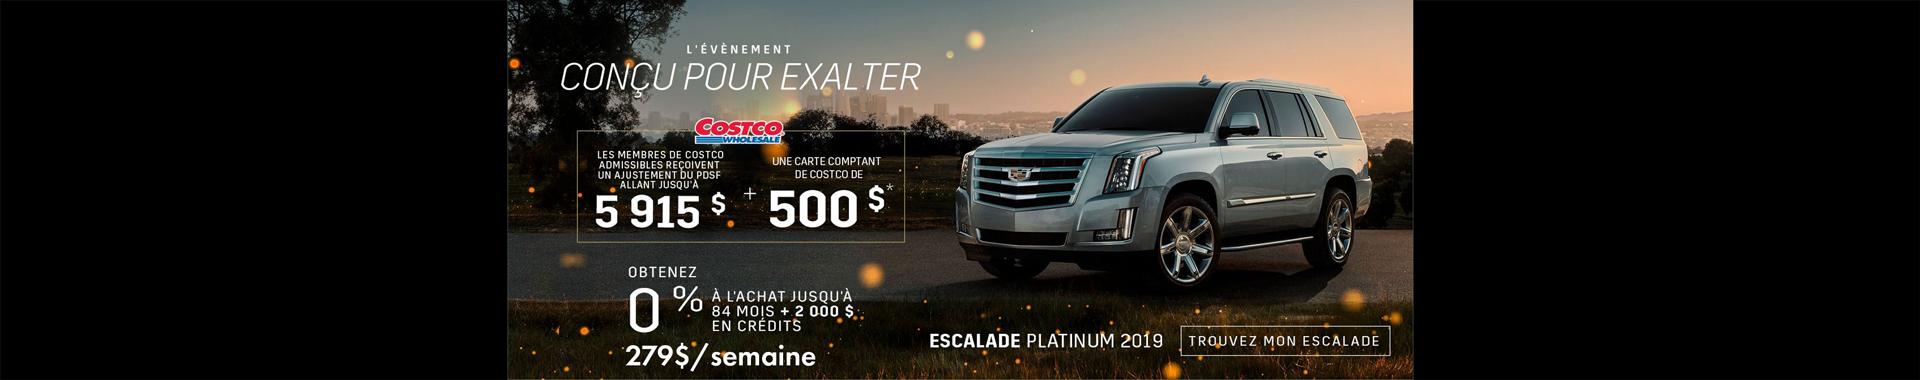 Cadillac Escalade - Aout 2019